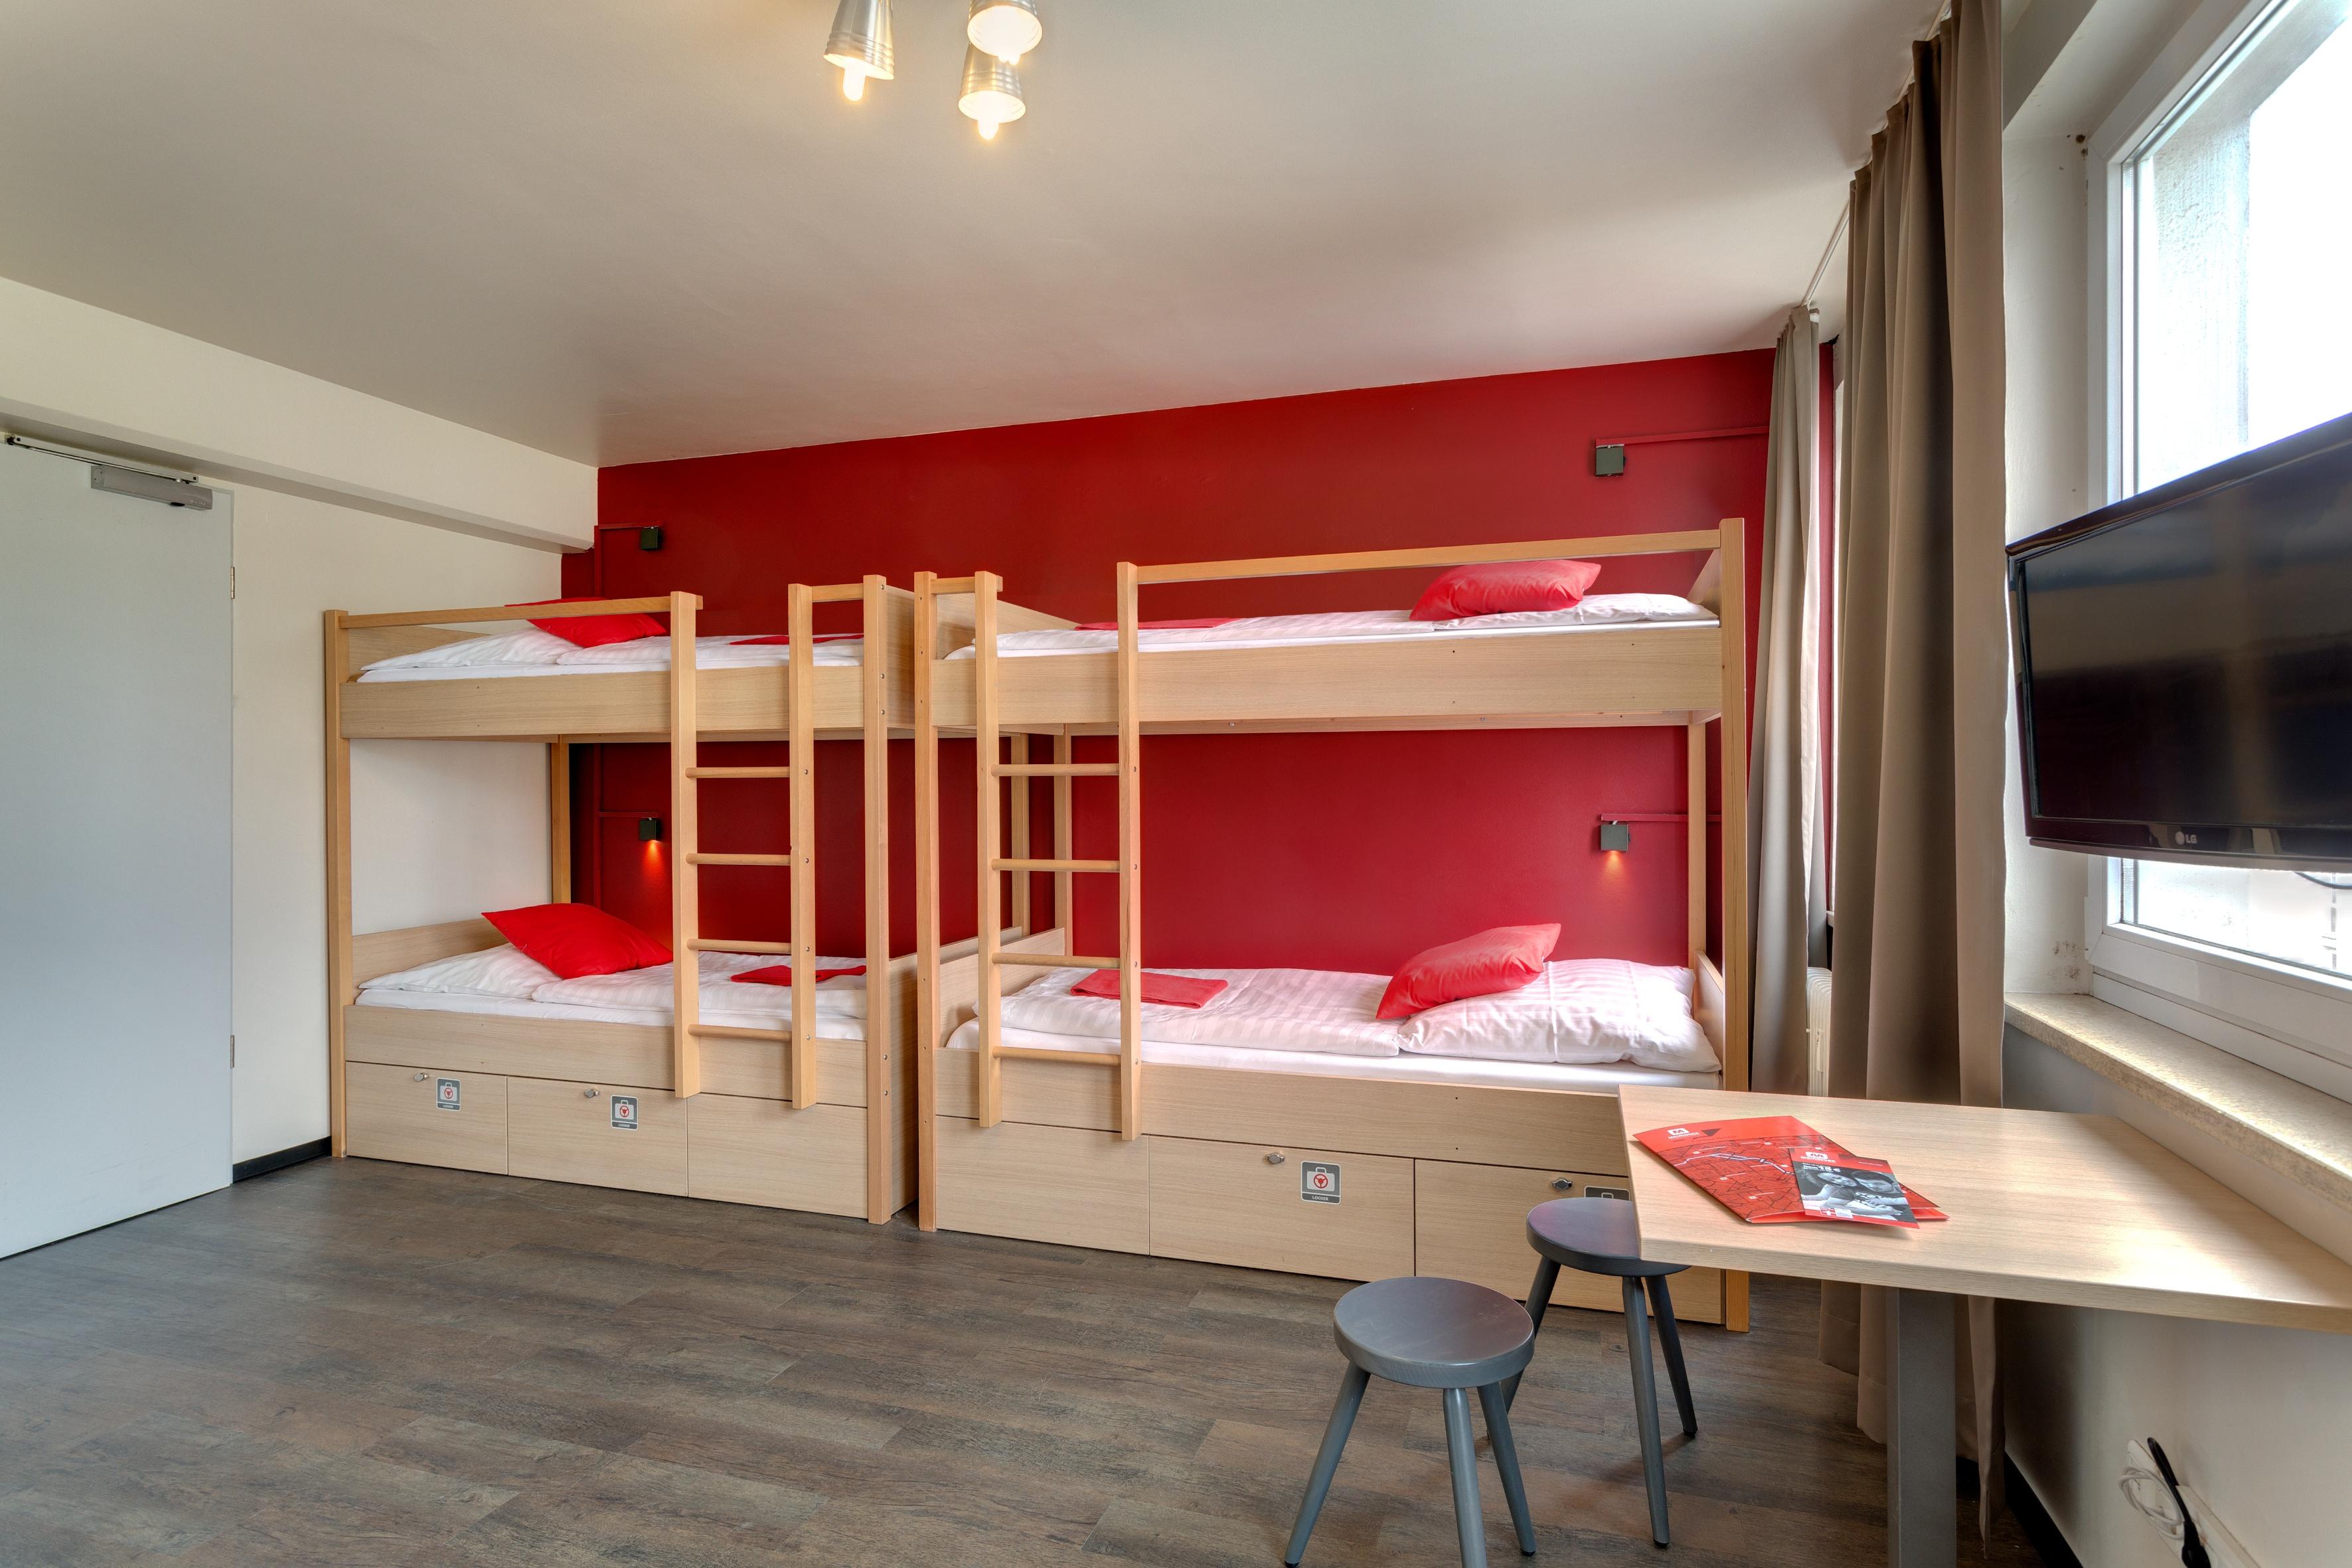 MEININGER Hotel Munich City Center - Dormitorio